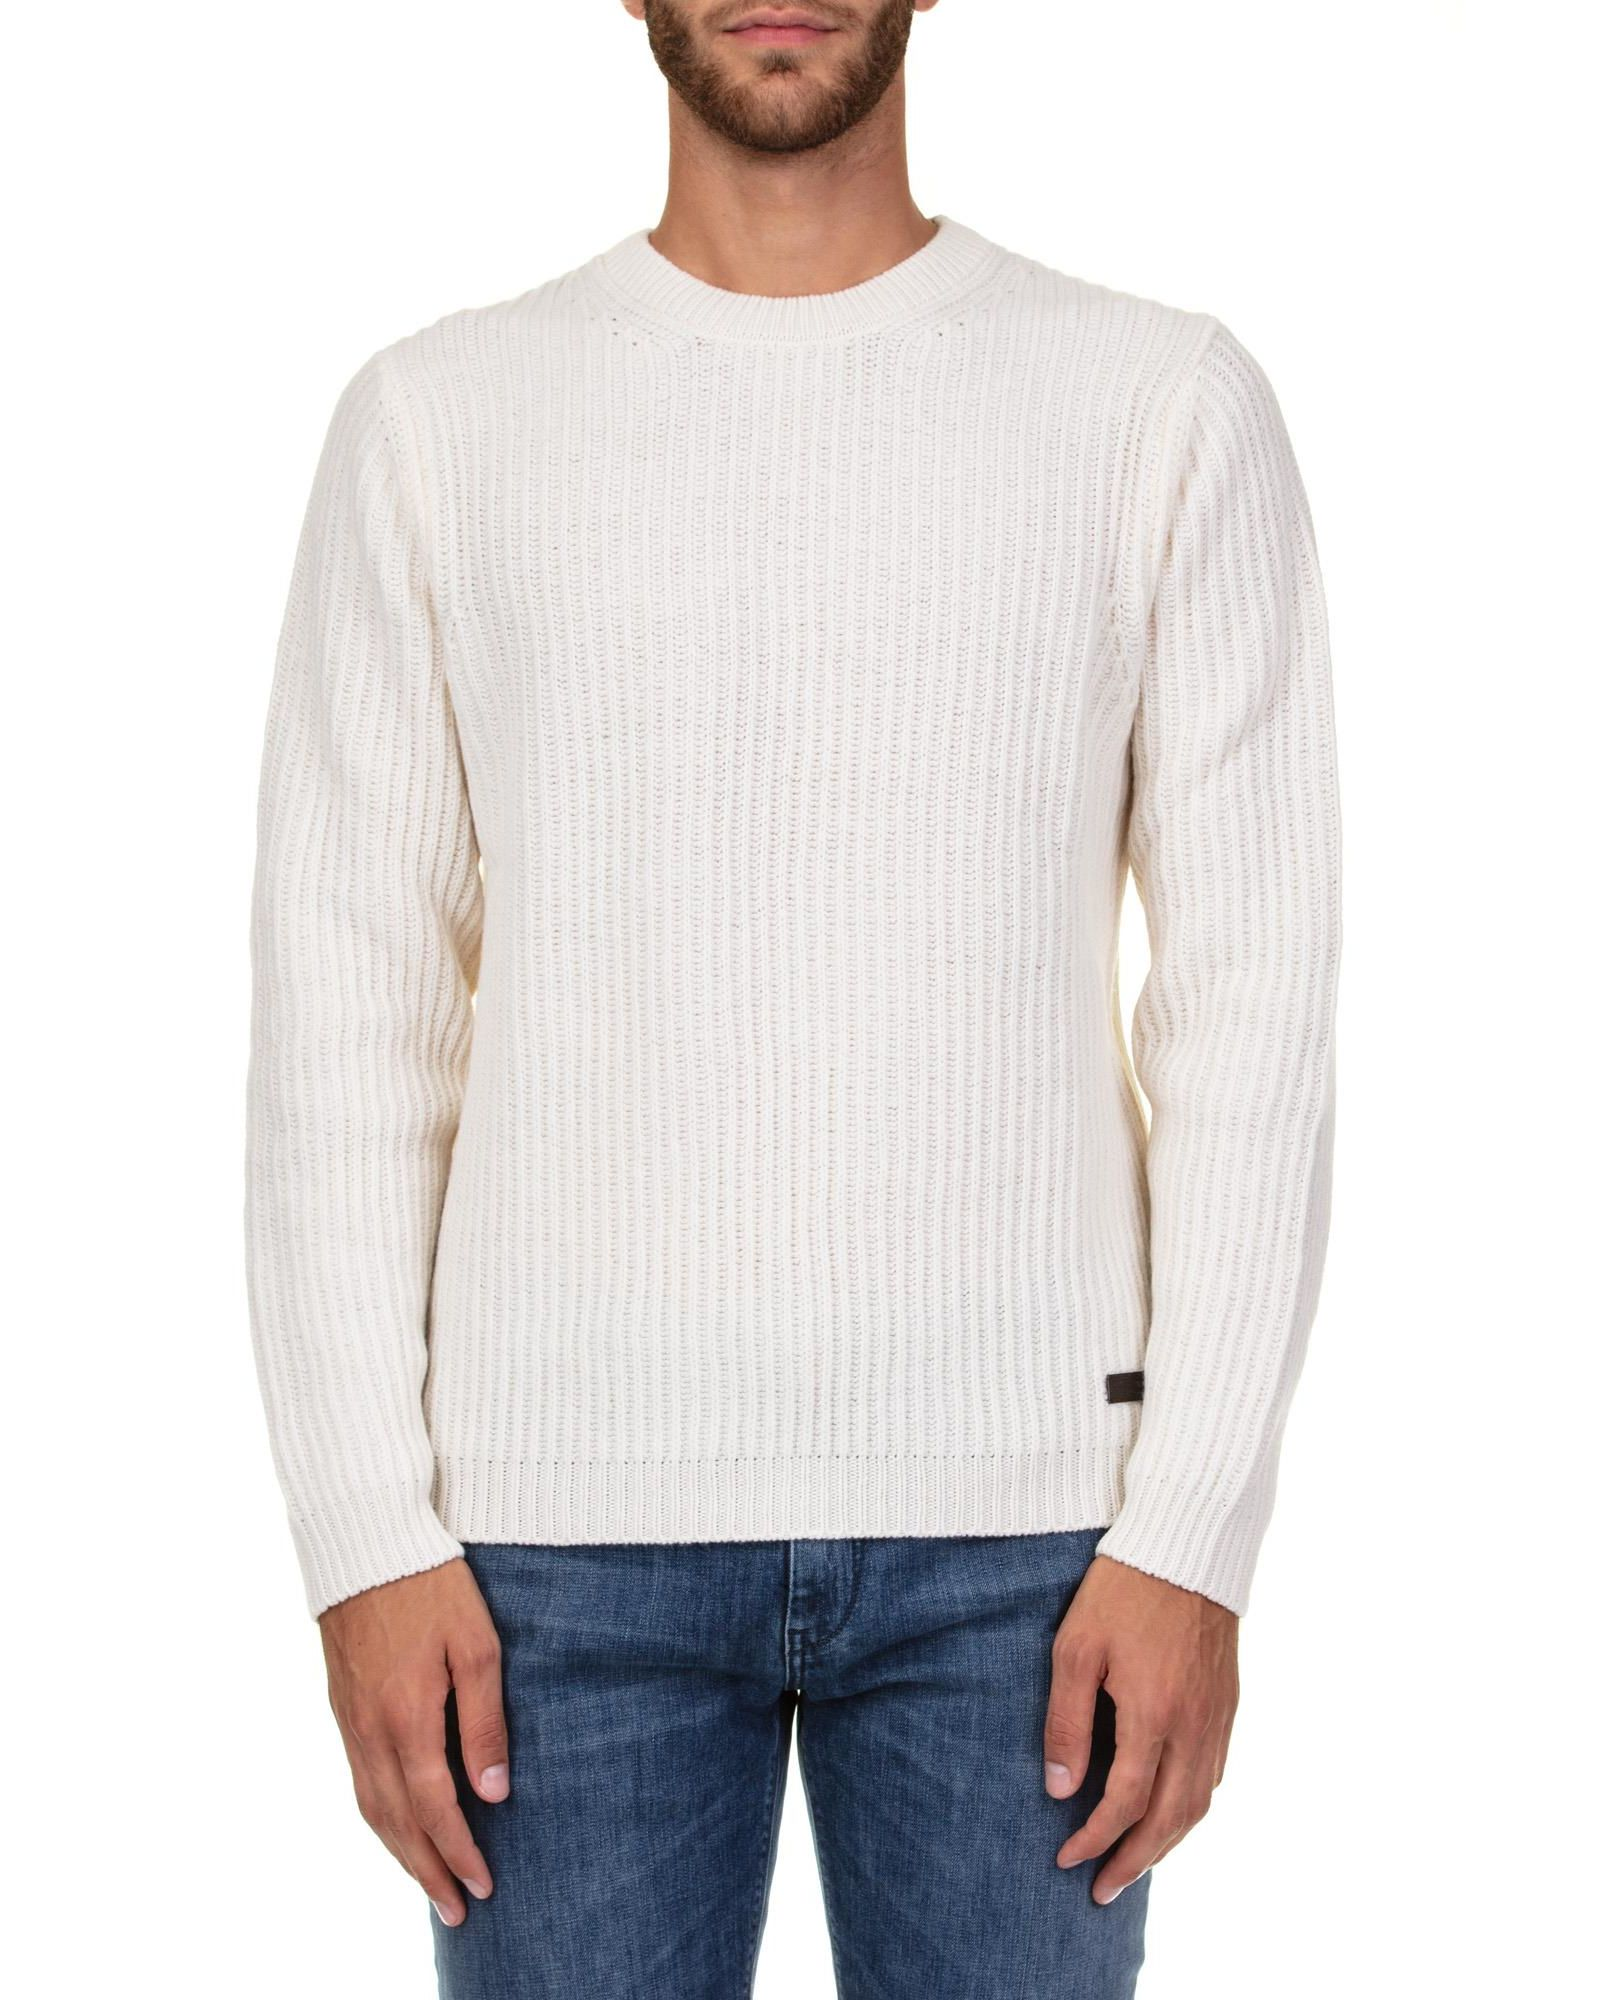 TRUSSARDI Wool Sweater in Ivory